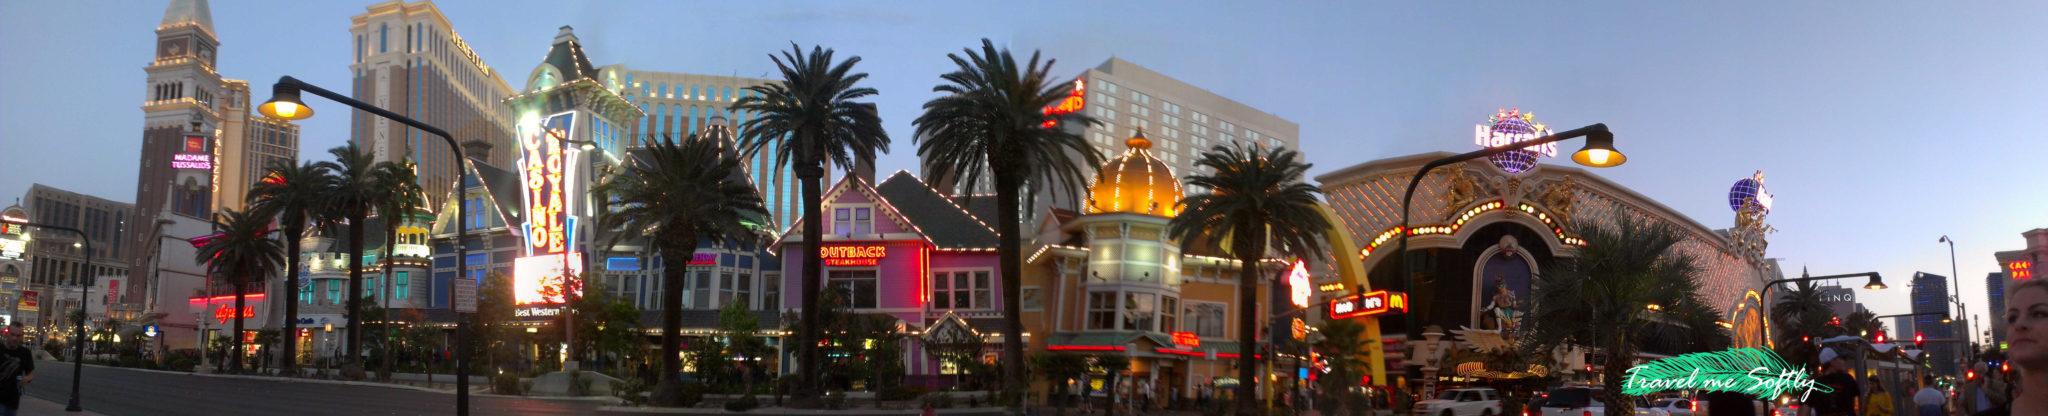 Qué hacer en Las Vegas viajar a estados unidos